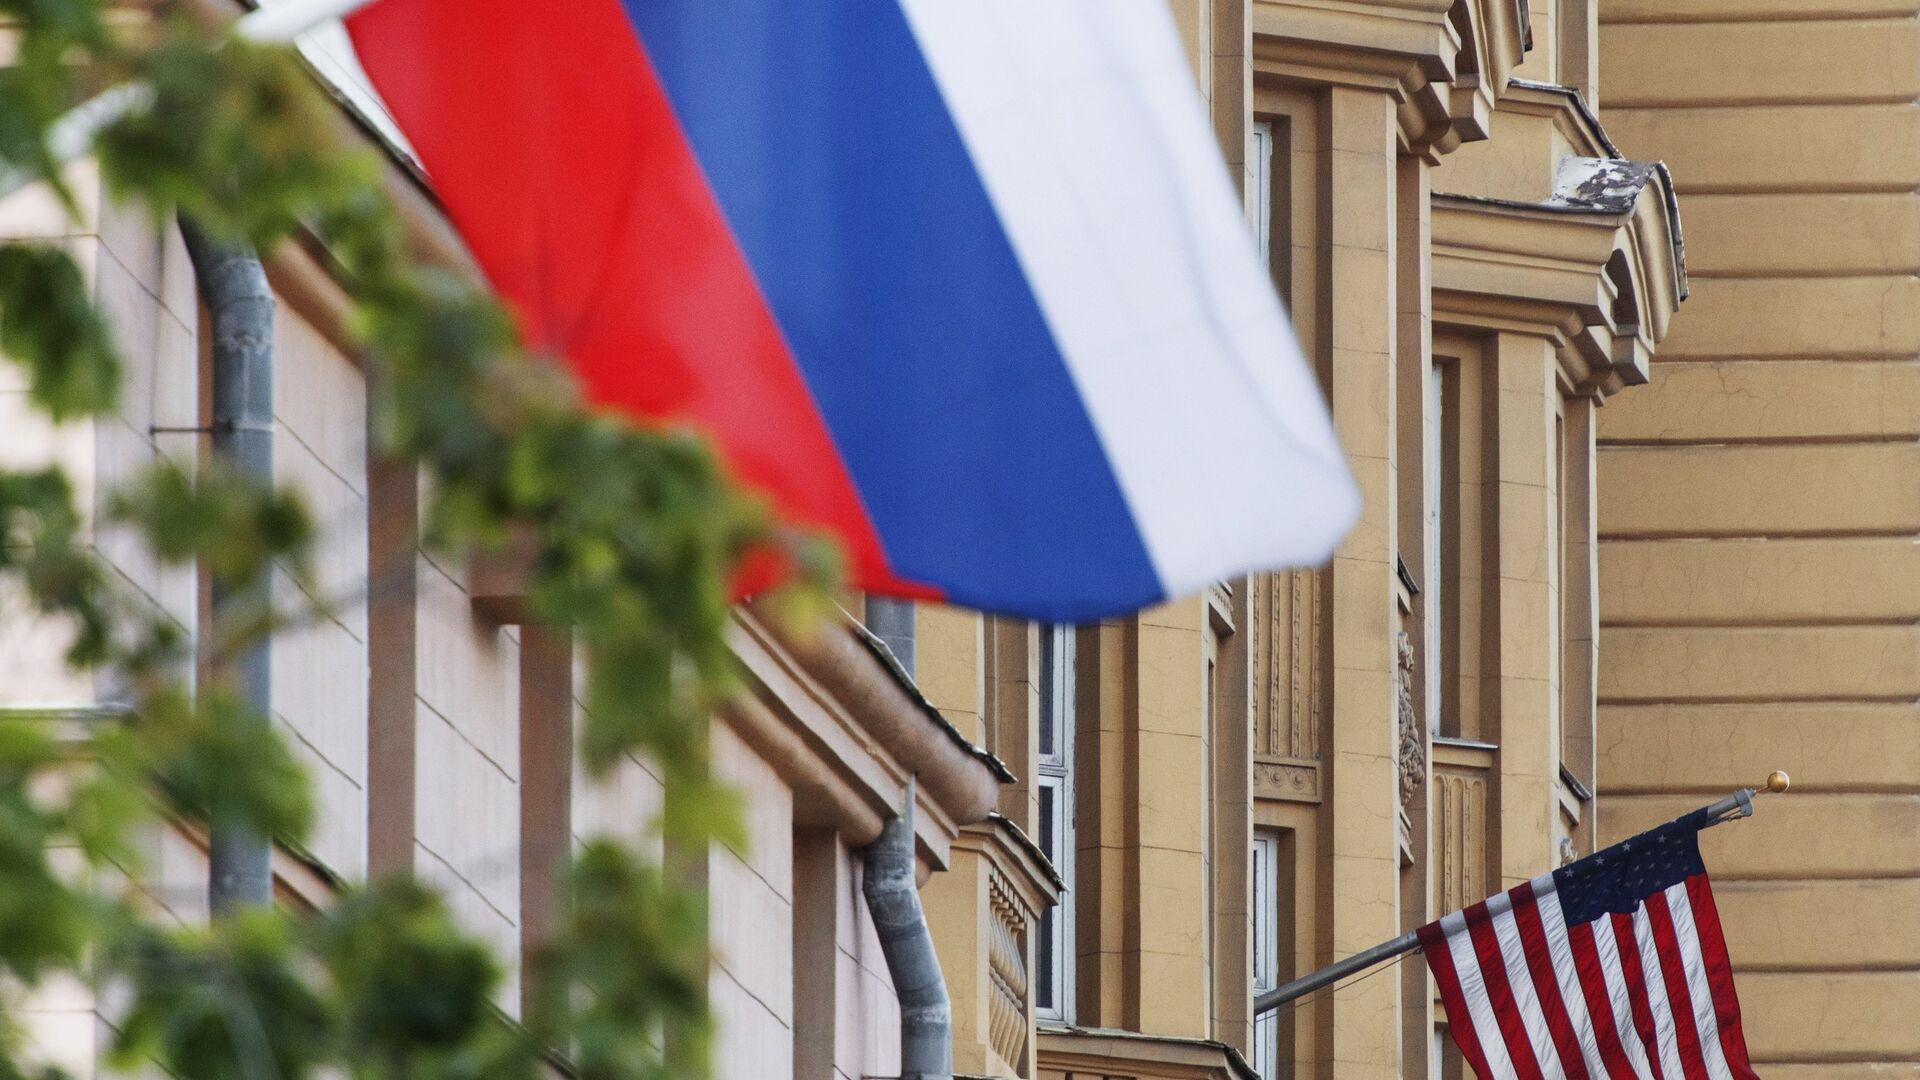 Государственные флаги России и США на здании американского посольства в Москве - РИА Новости, 1920, 01.08.2021